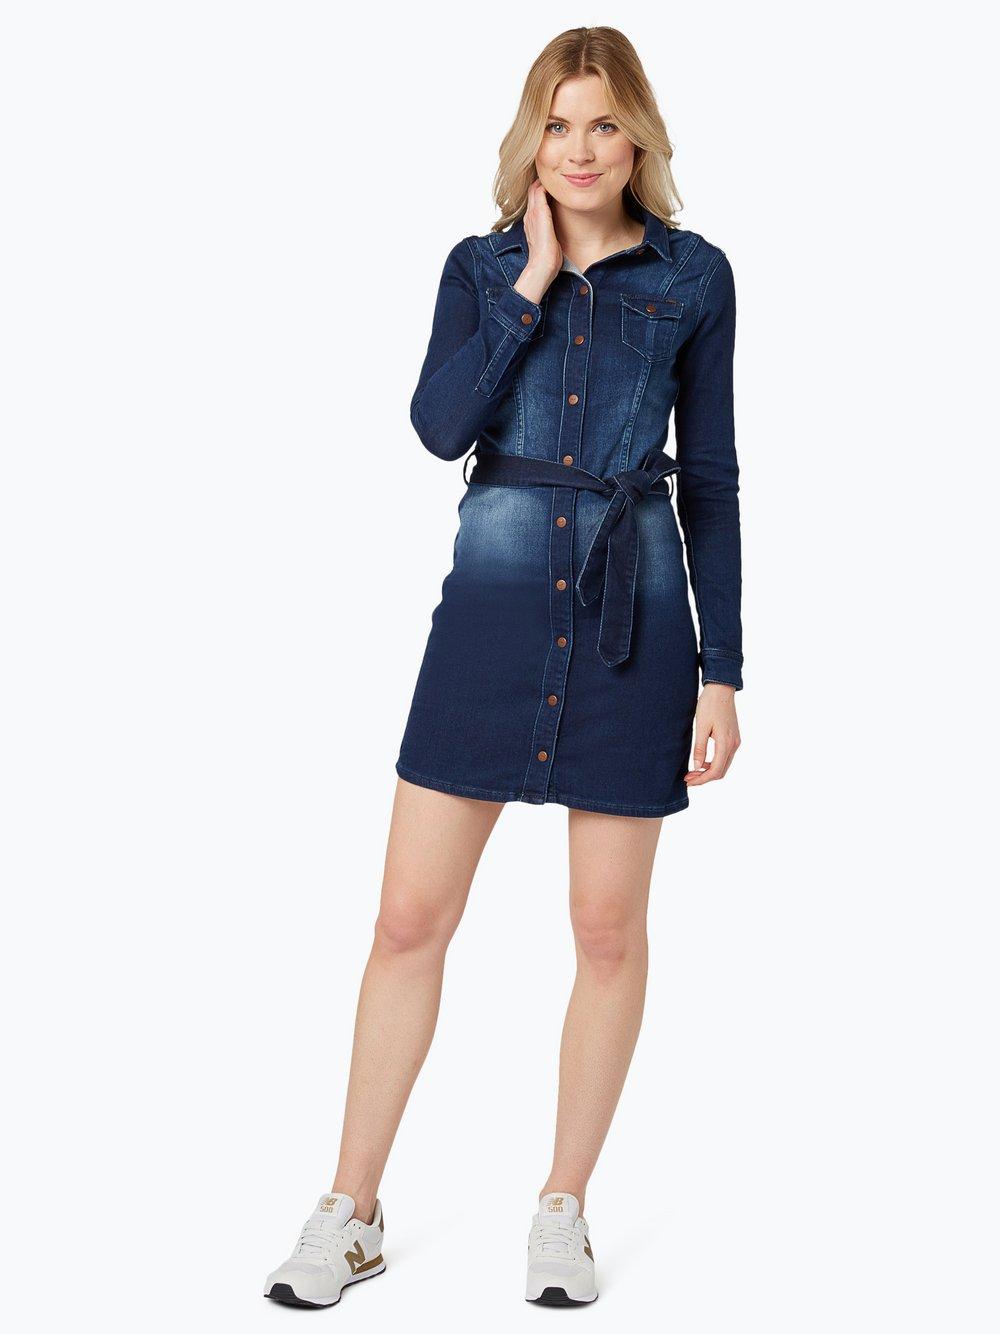 7e31943ecb58 Pepe Jeans Damen Jeanskleid- Nicole  2  online kaufen   PEEK-UND ...